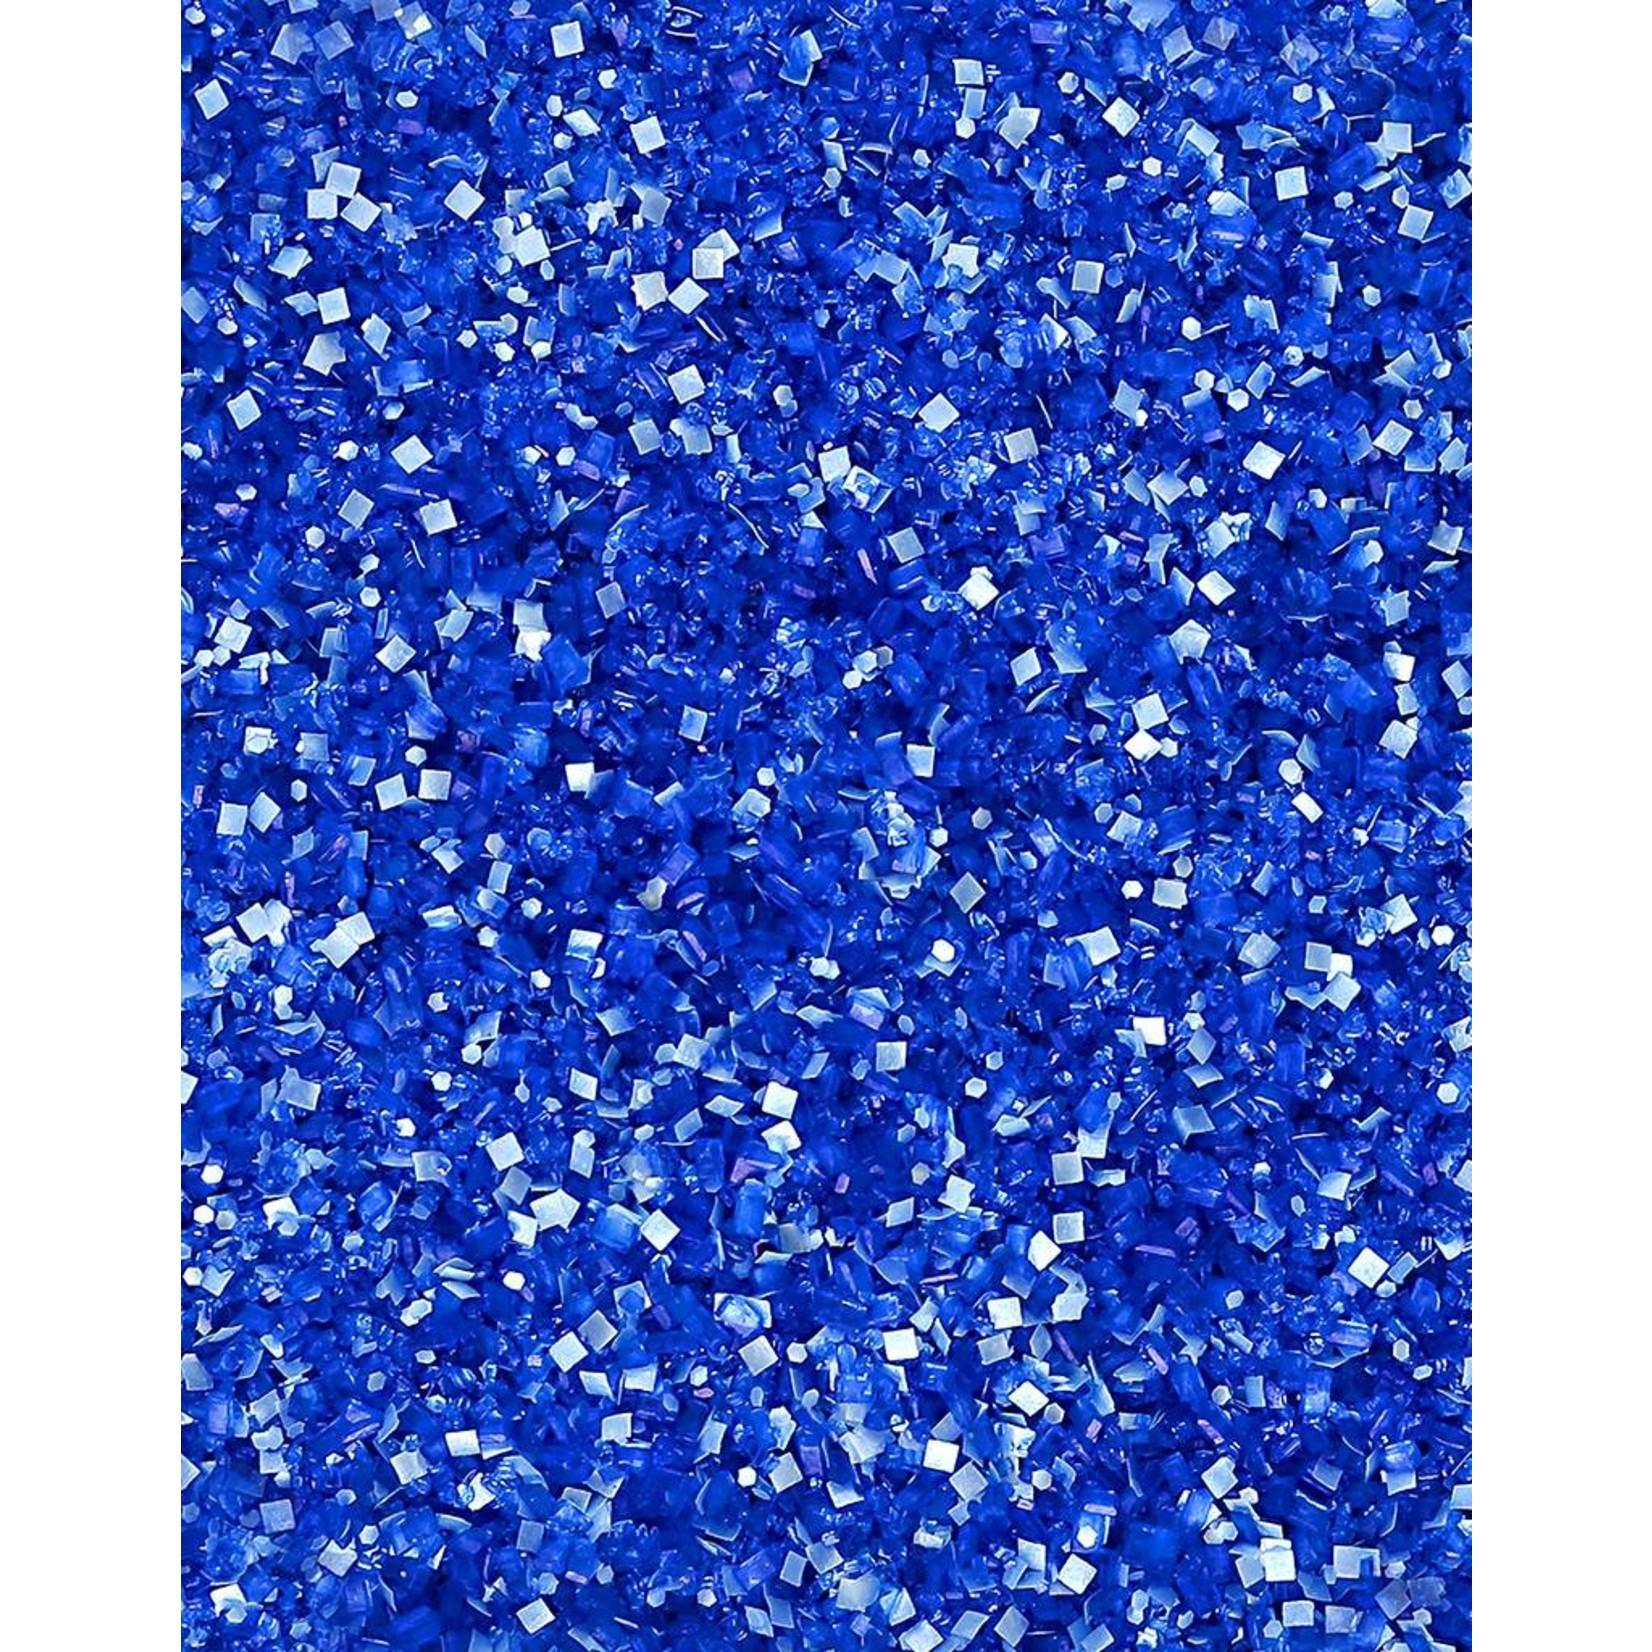 Bakery Bling Bakery Bling - Royal Blue -